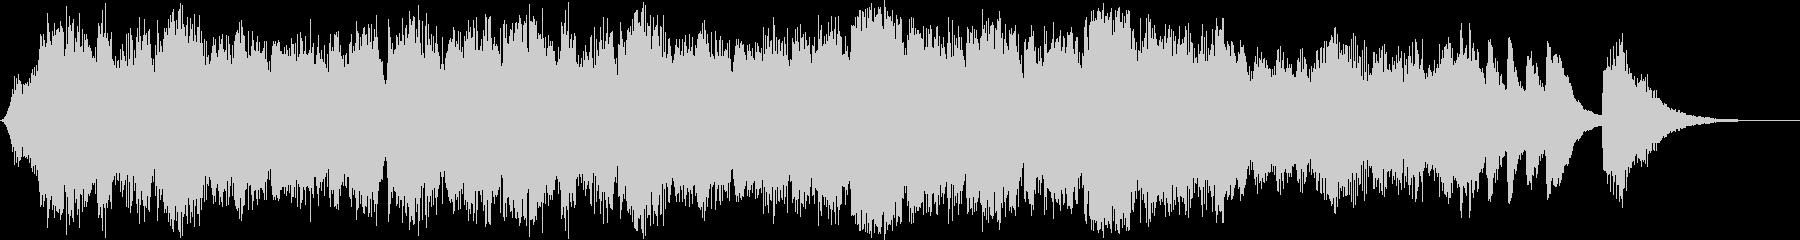 タイトル等に使えるオーケストラ風BGMの未再生の波形